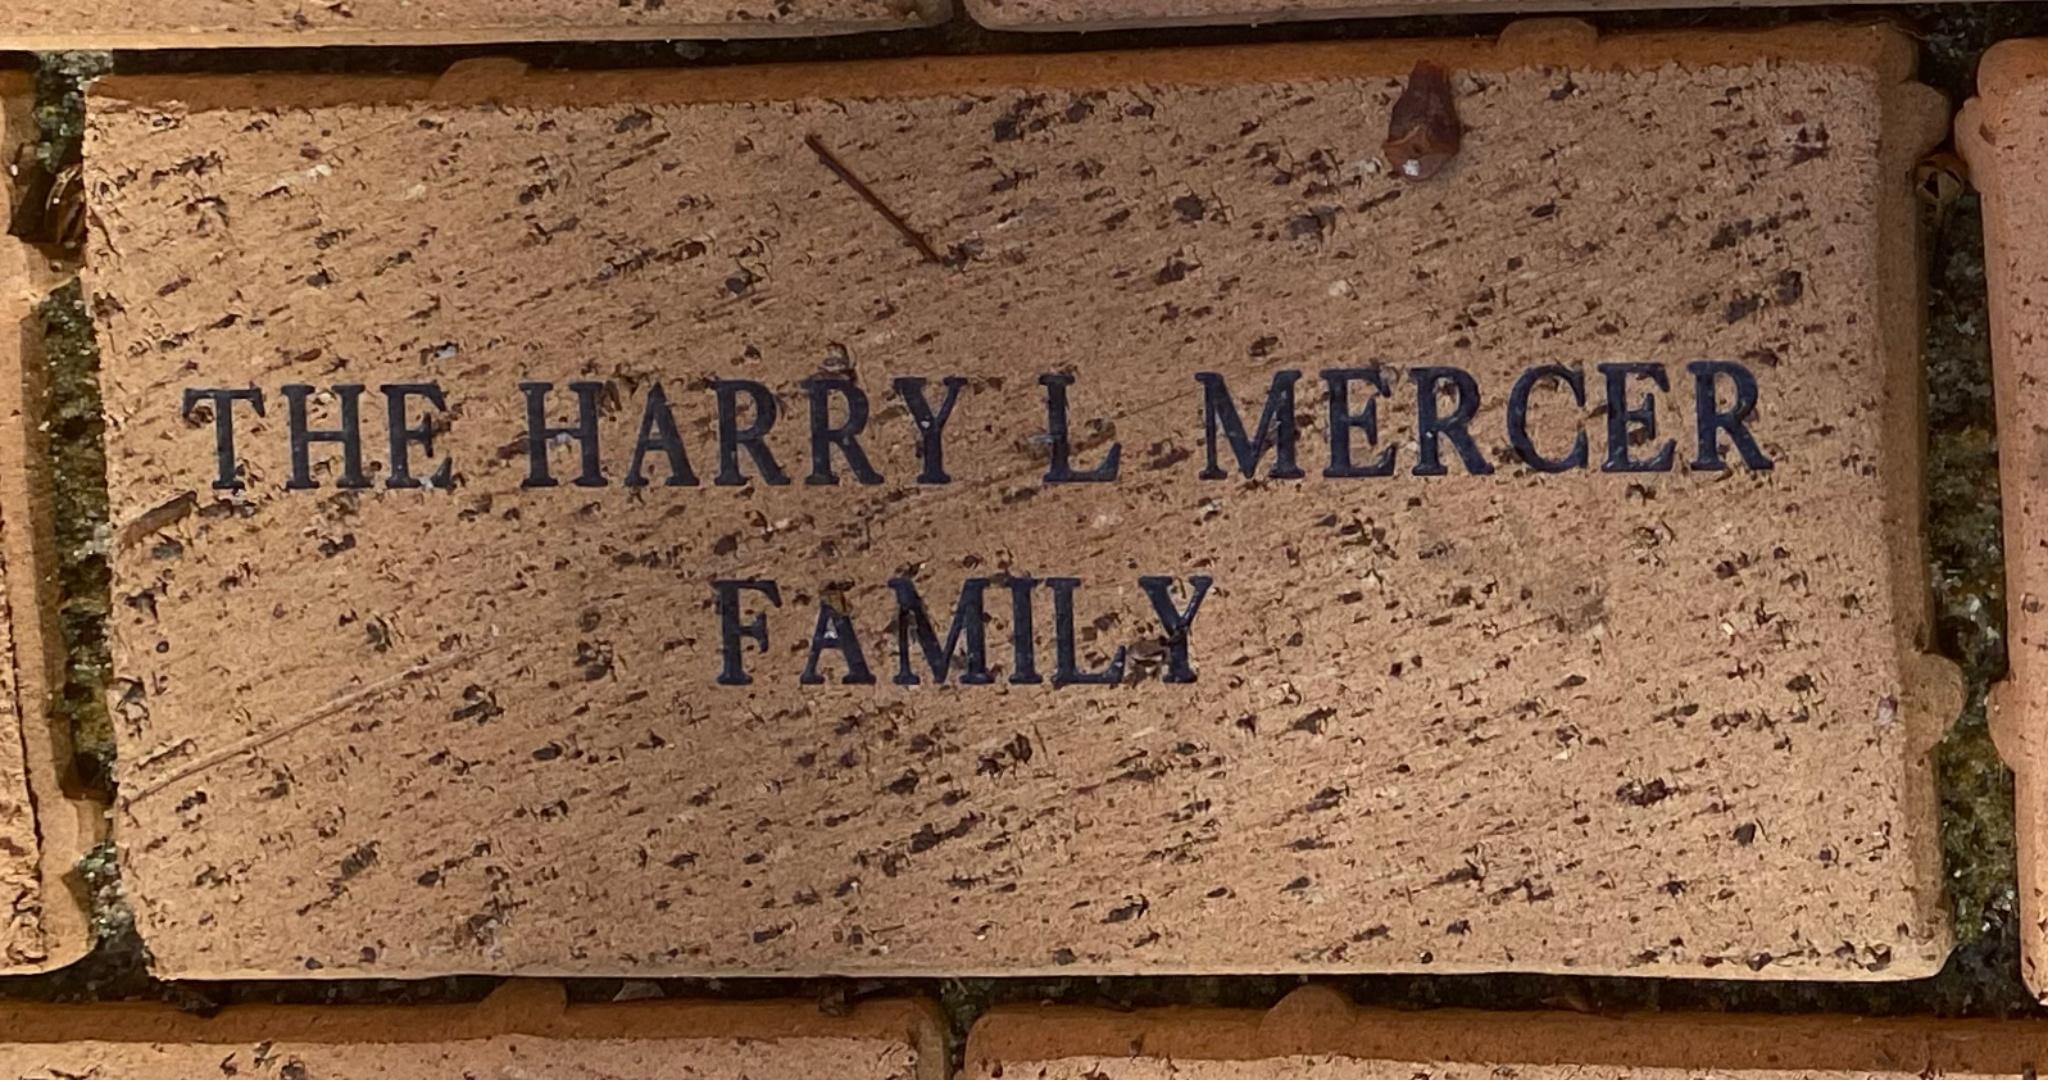 THE HARRY L. MERCER  FAMILY